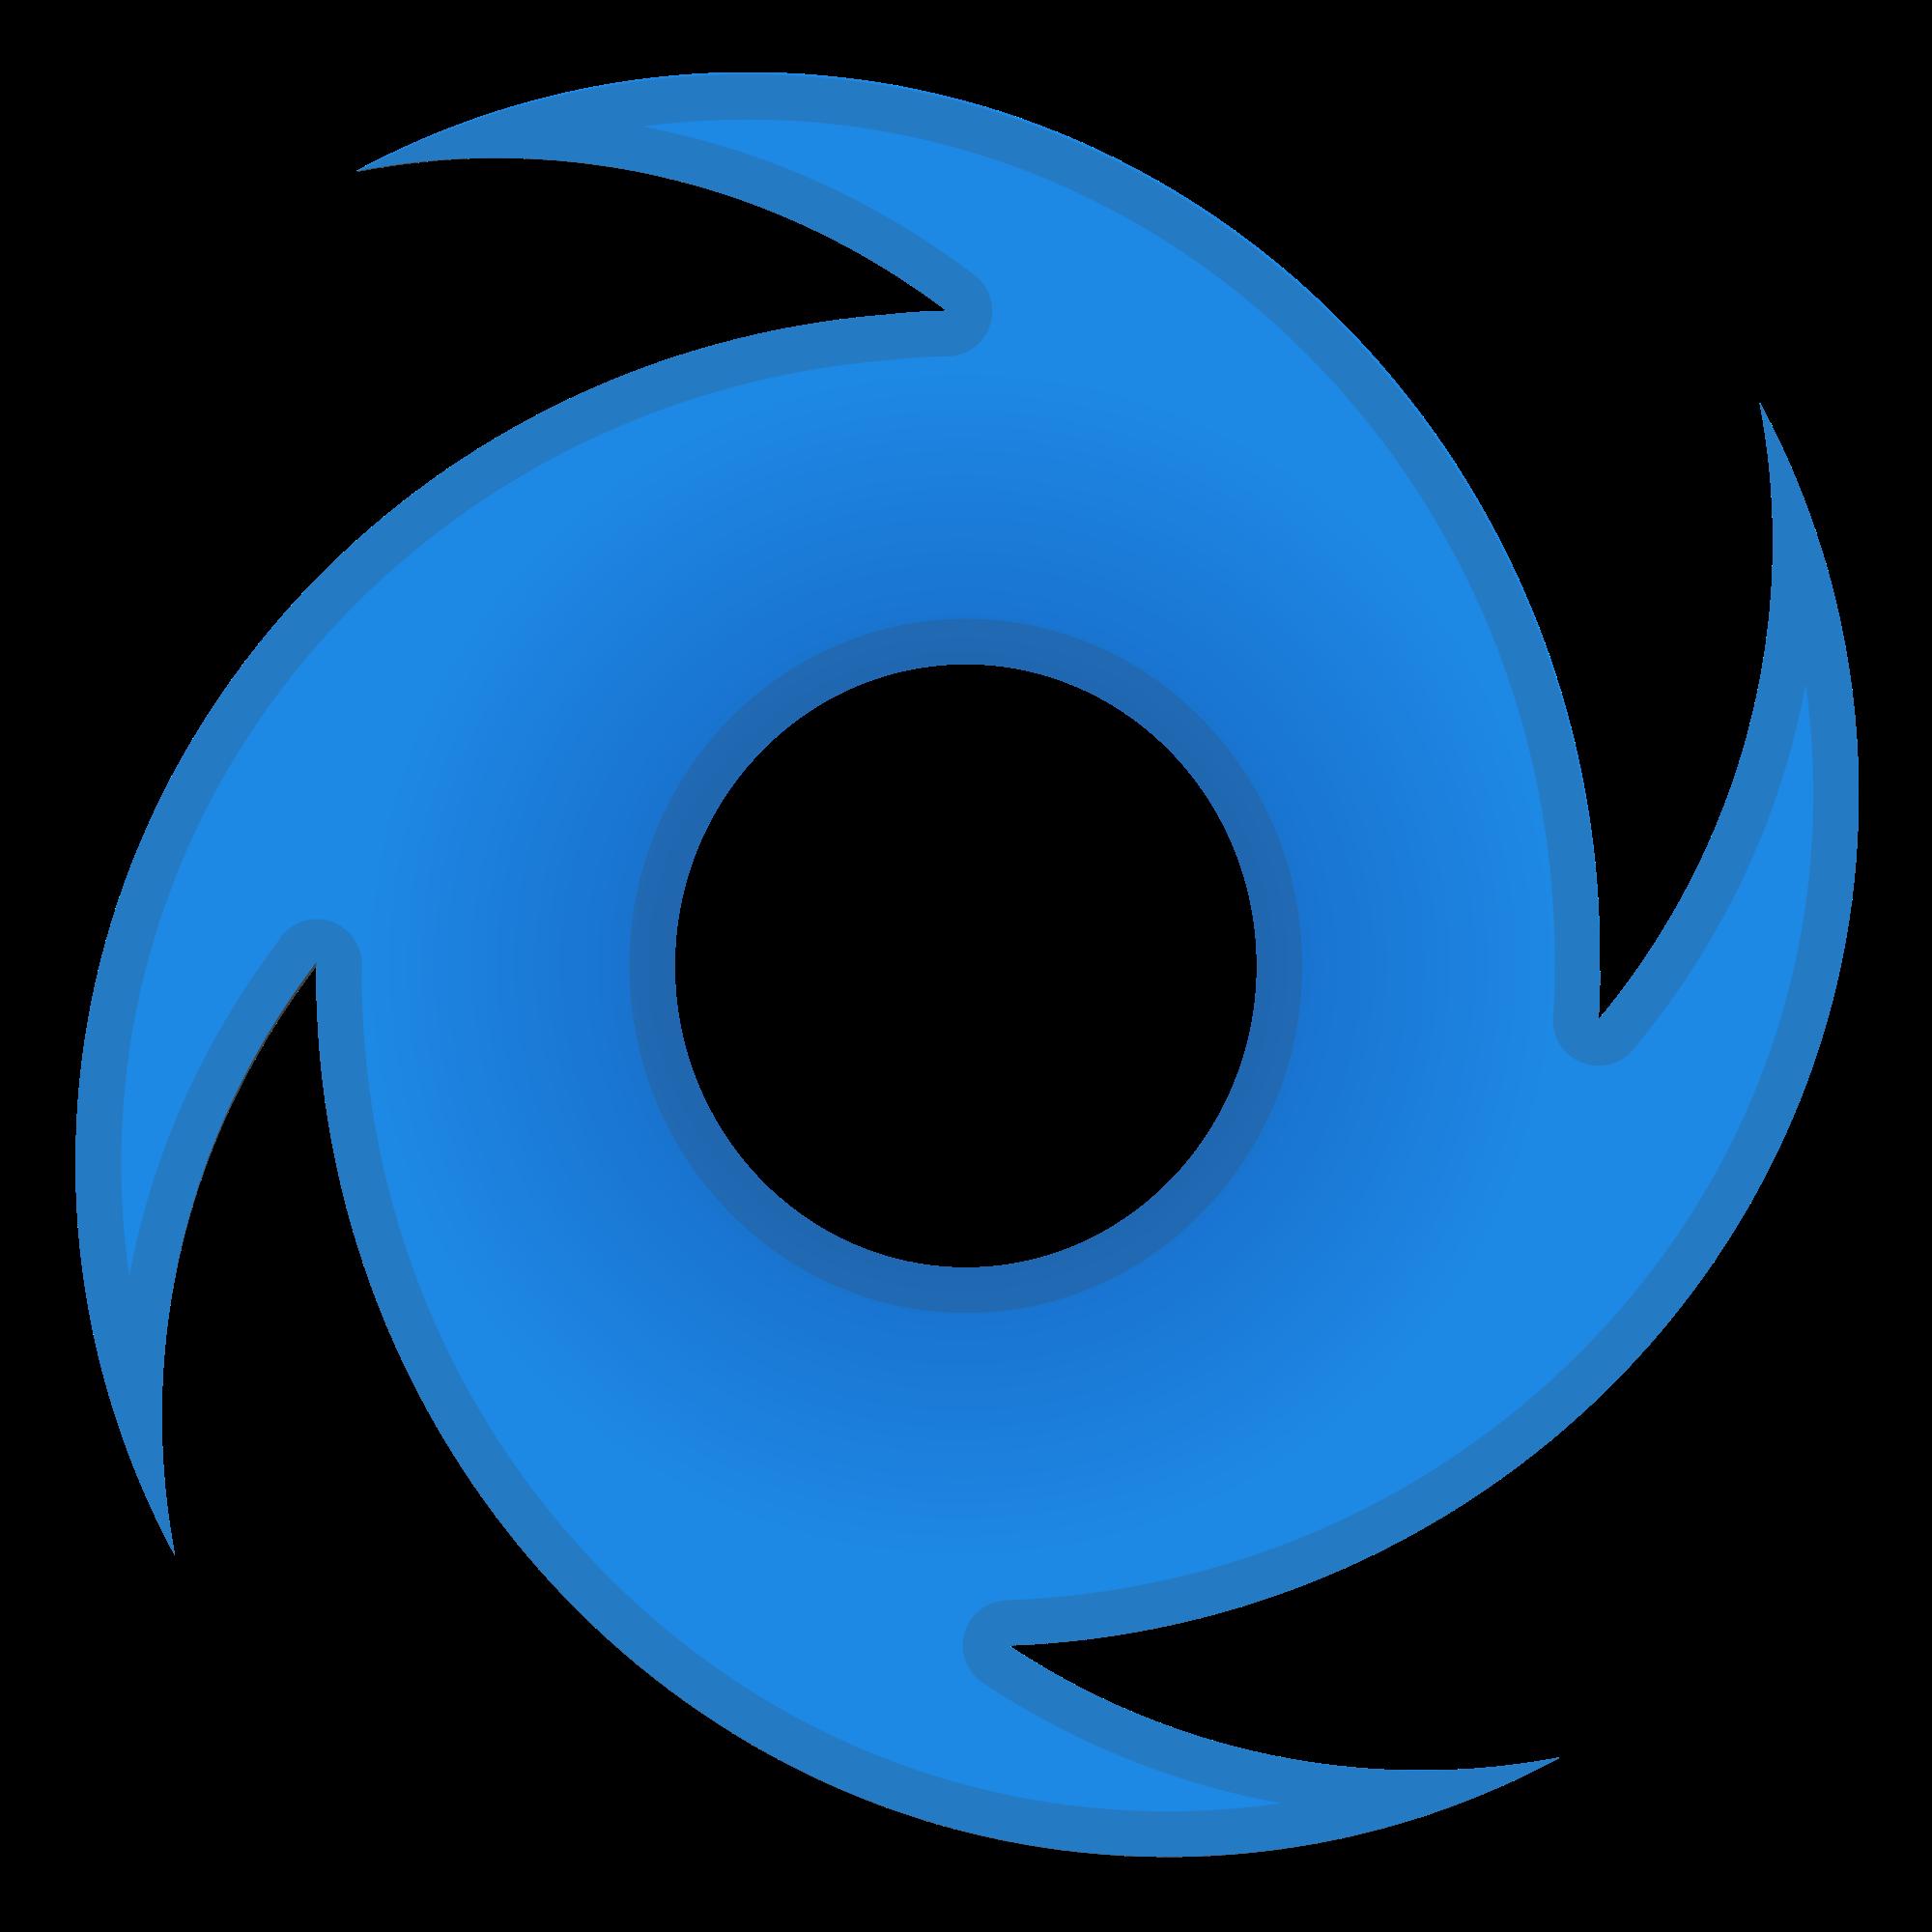 File noto emoji f. Oreo clipart symbol